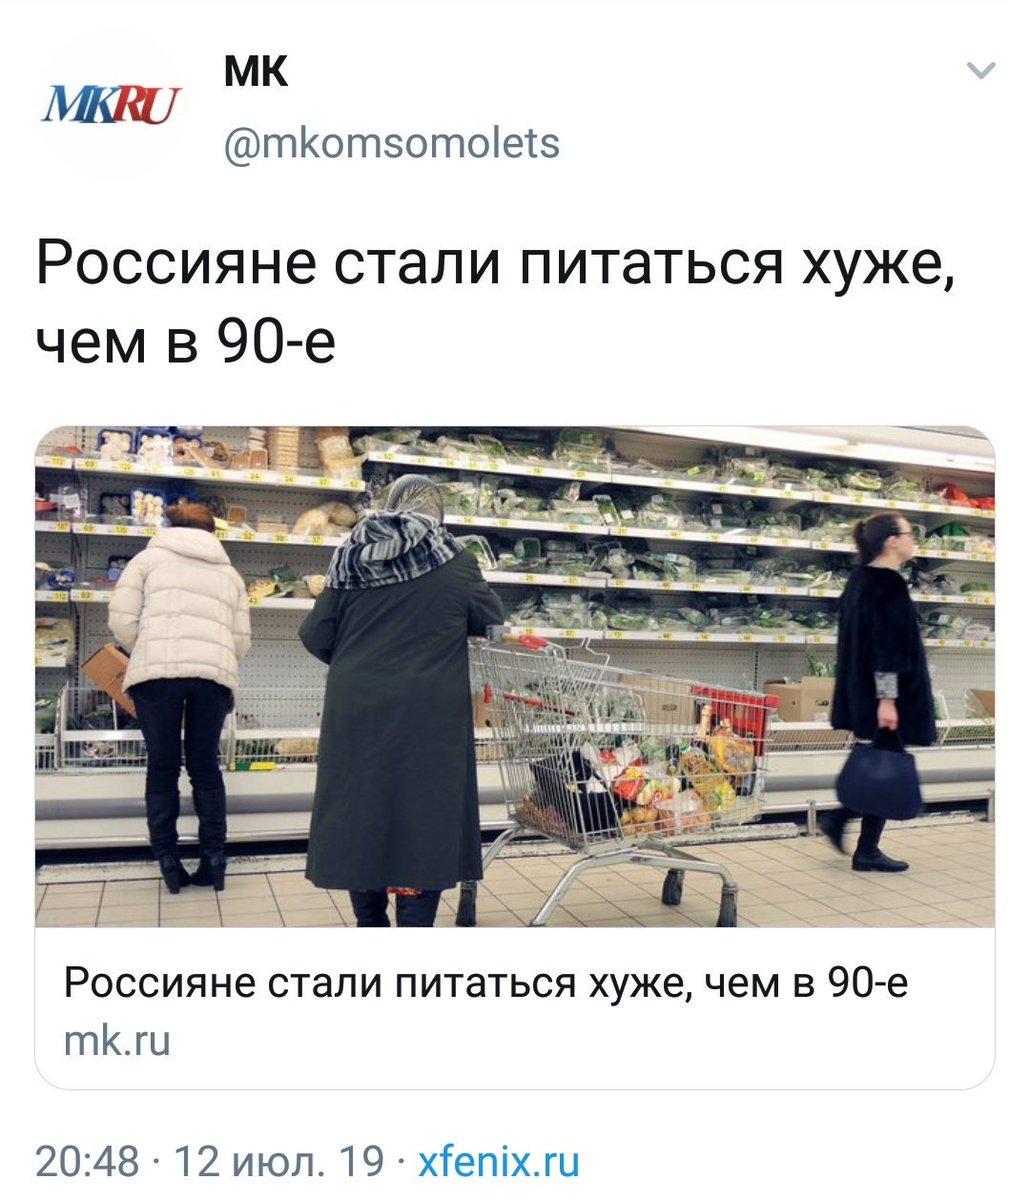 За сутки на Донбассе один воин ВСУ получил ранения, один наемник РФ уничтожен, террористы совершили 26 обстрелов, - штаб ООС - Цензор.НЕТ 372